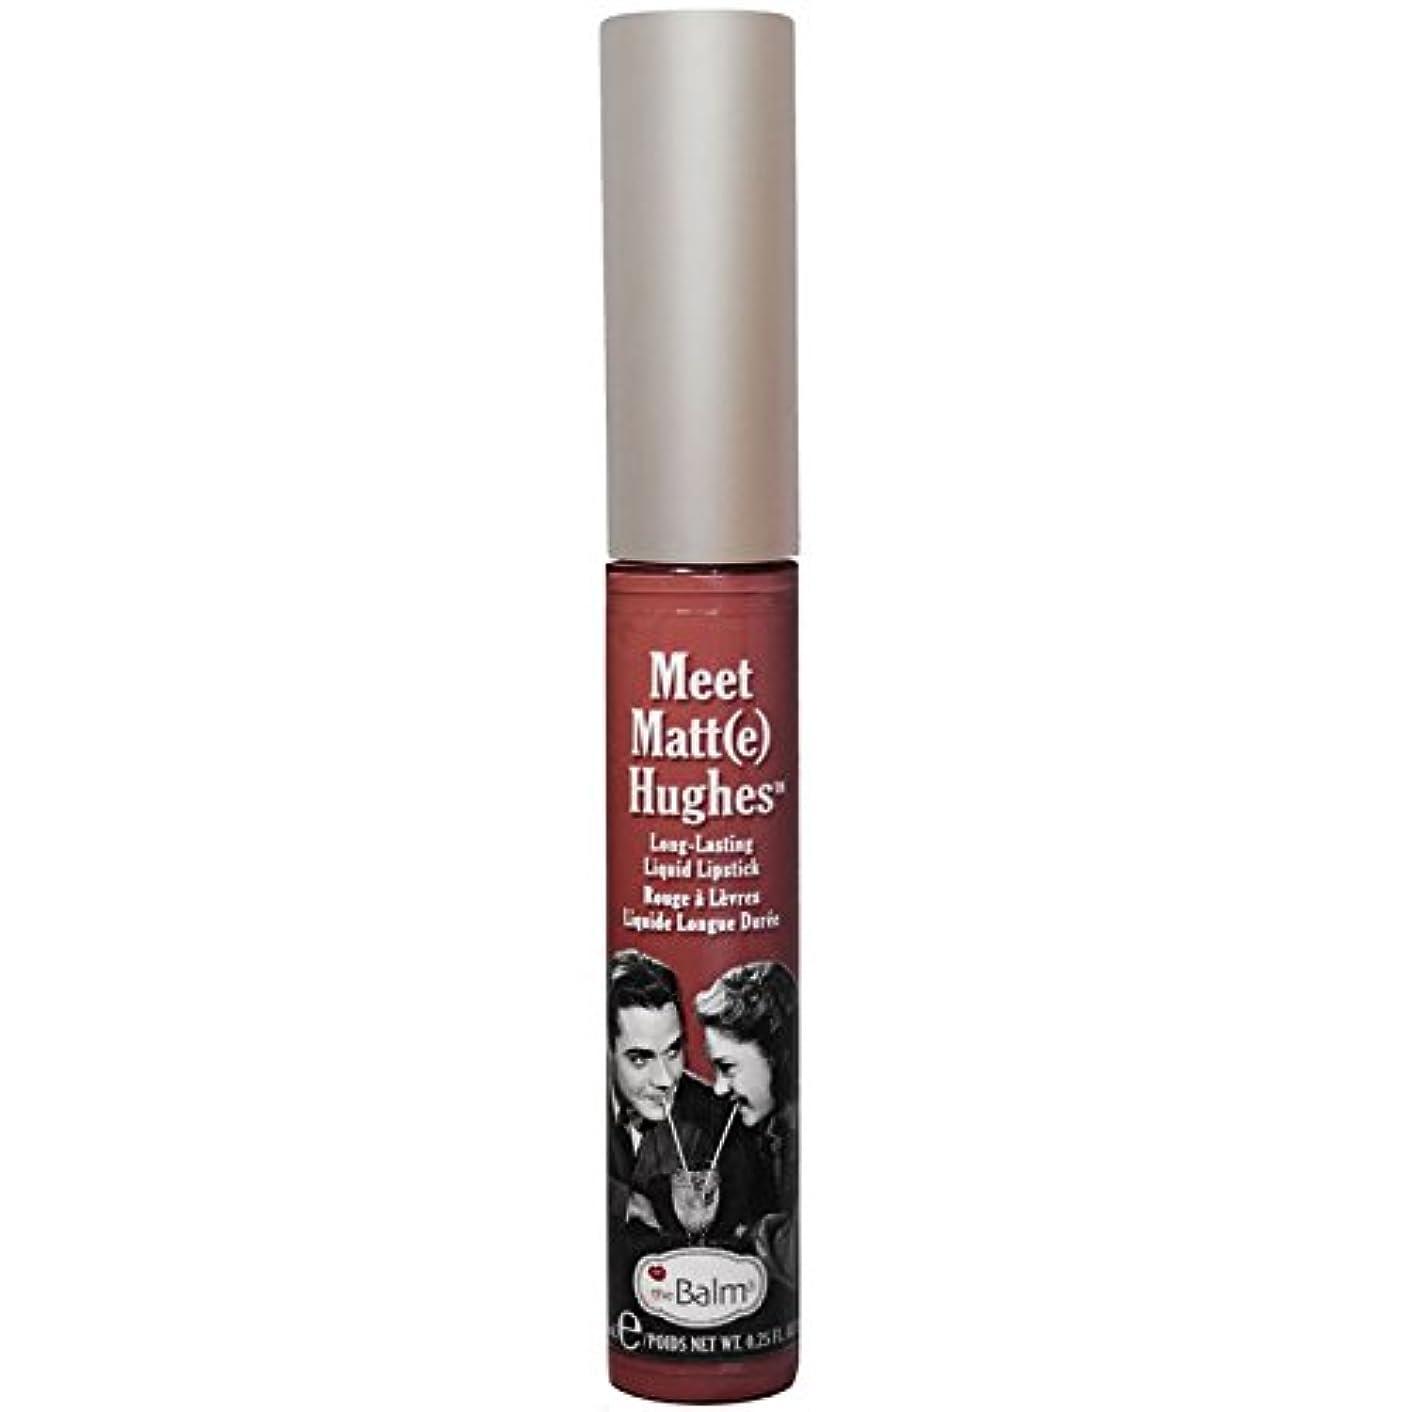 永久彼女自身チャットtheBalm - Meet Matt(e) Hughes Long-Lasting Liquid Lipstick Trustworthy [並行輸入品]